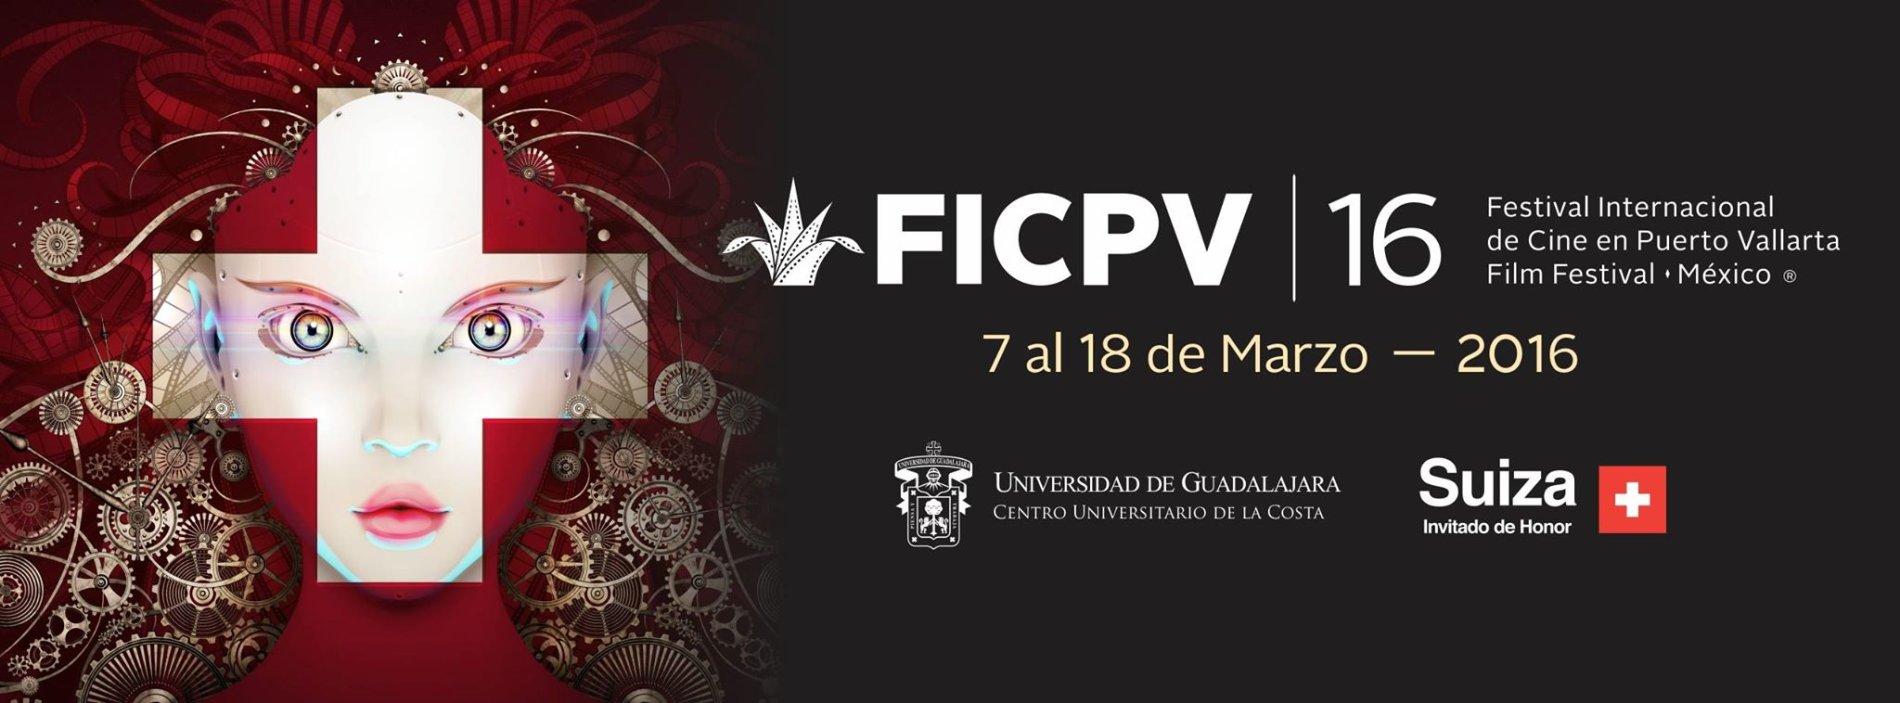 Festival Internacional de Cine 2016 en Puerto Vallarta